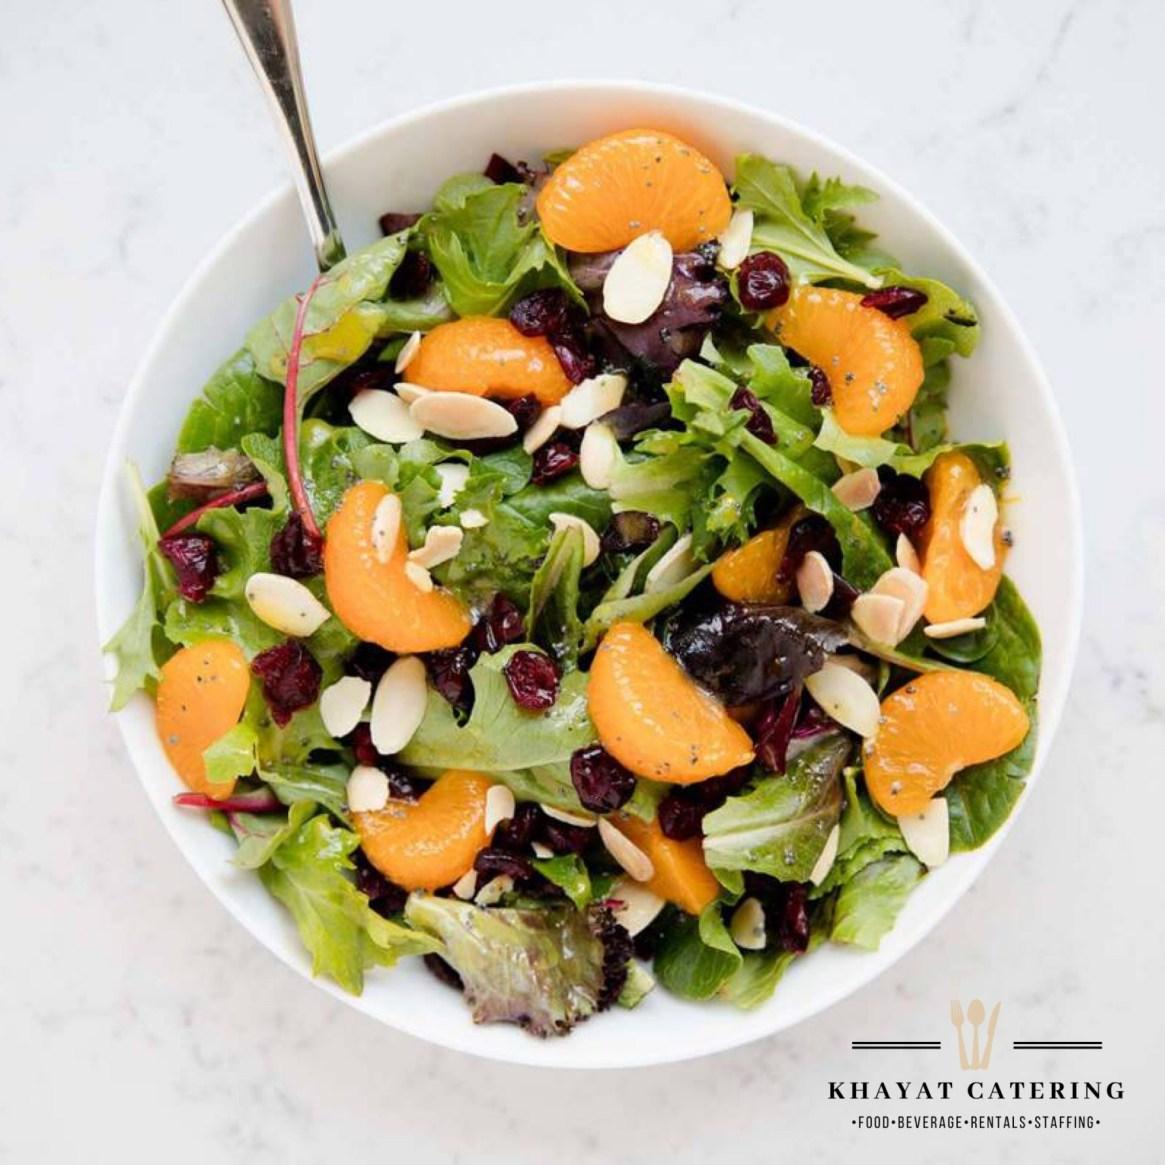 Khayat Catering asian salad